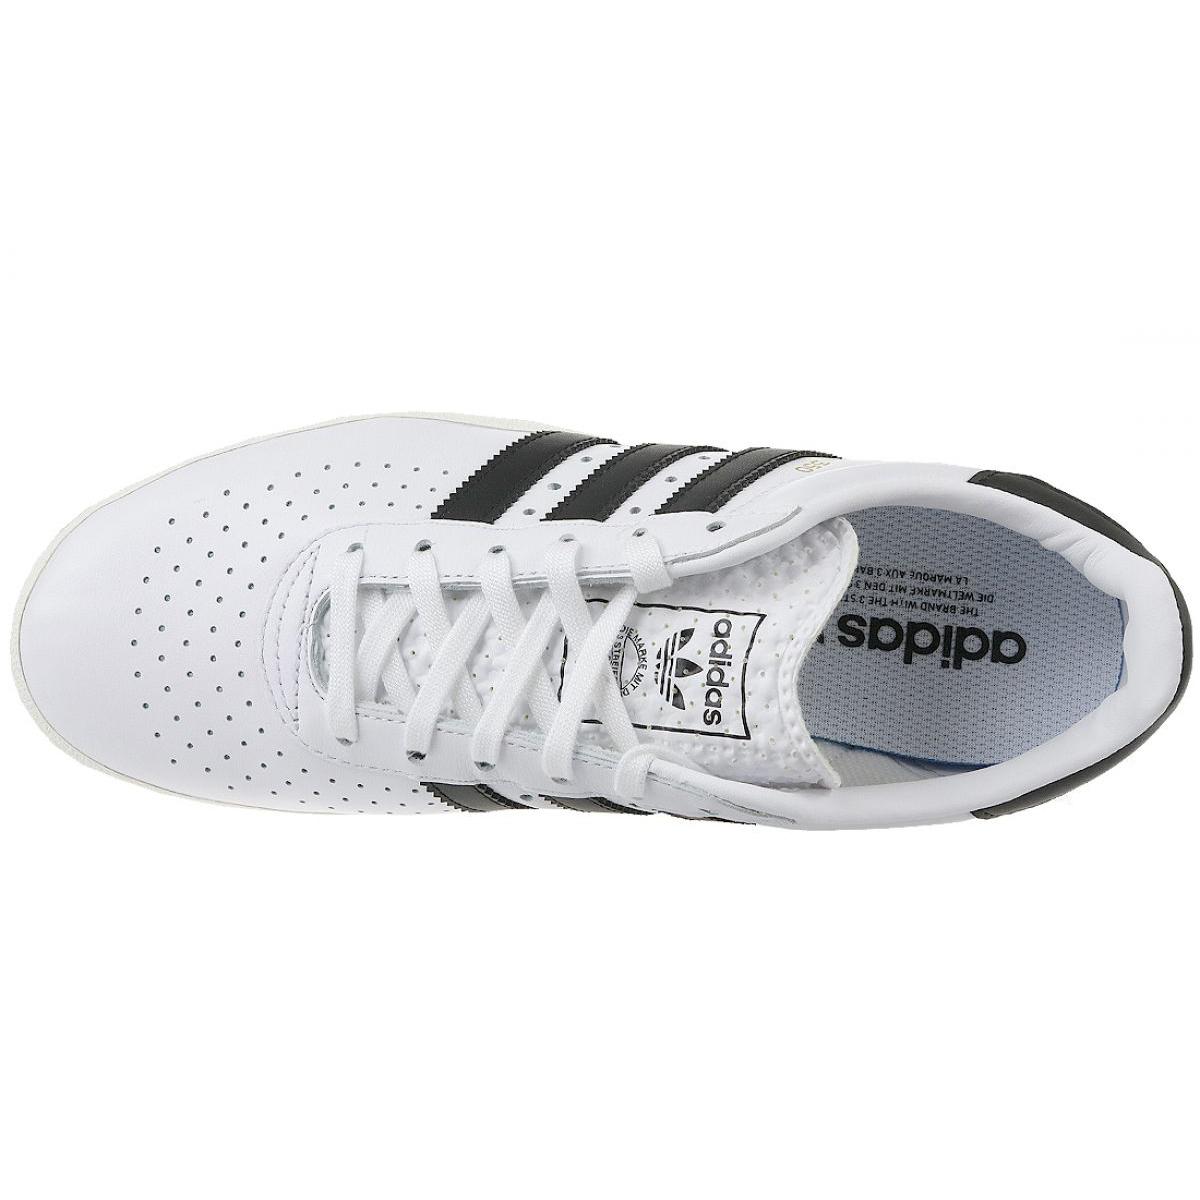 new concept 3b7b7 85fe4 White Adidas 350 M CQ2780 shoes